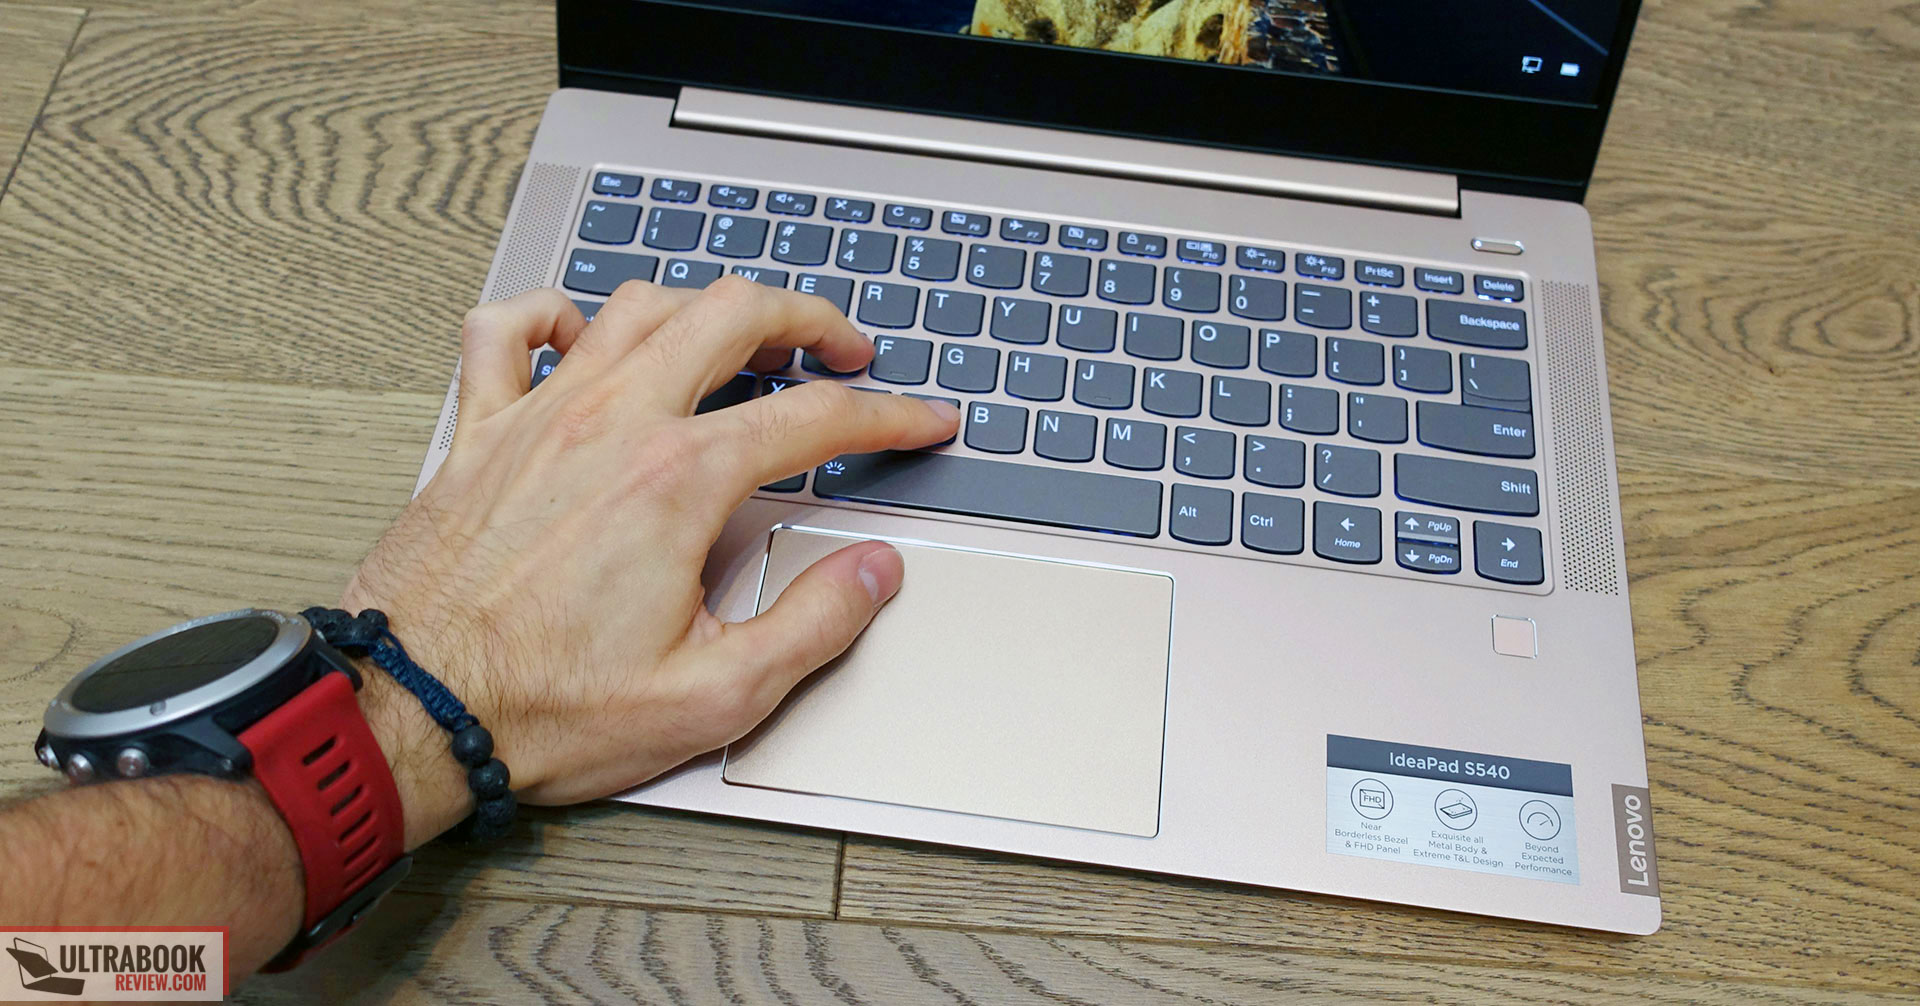 Lenovo IdeaPad S540 - keyboard and clickpad